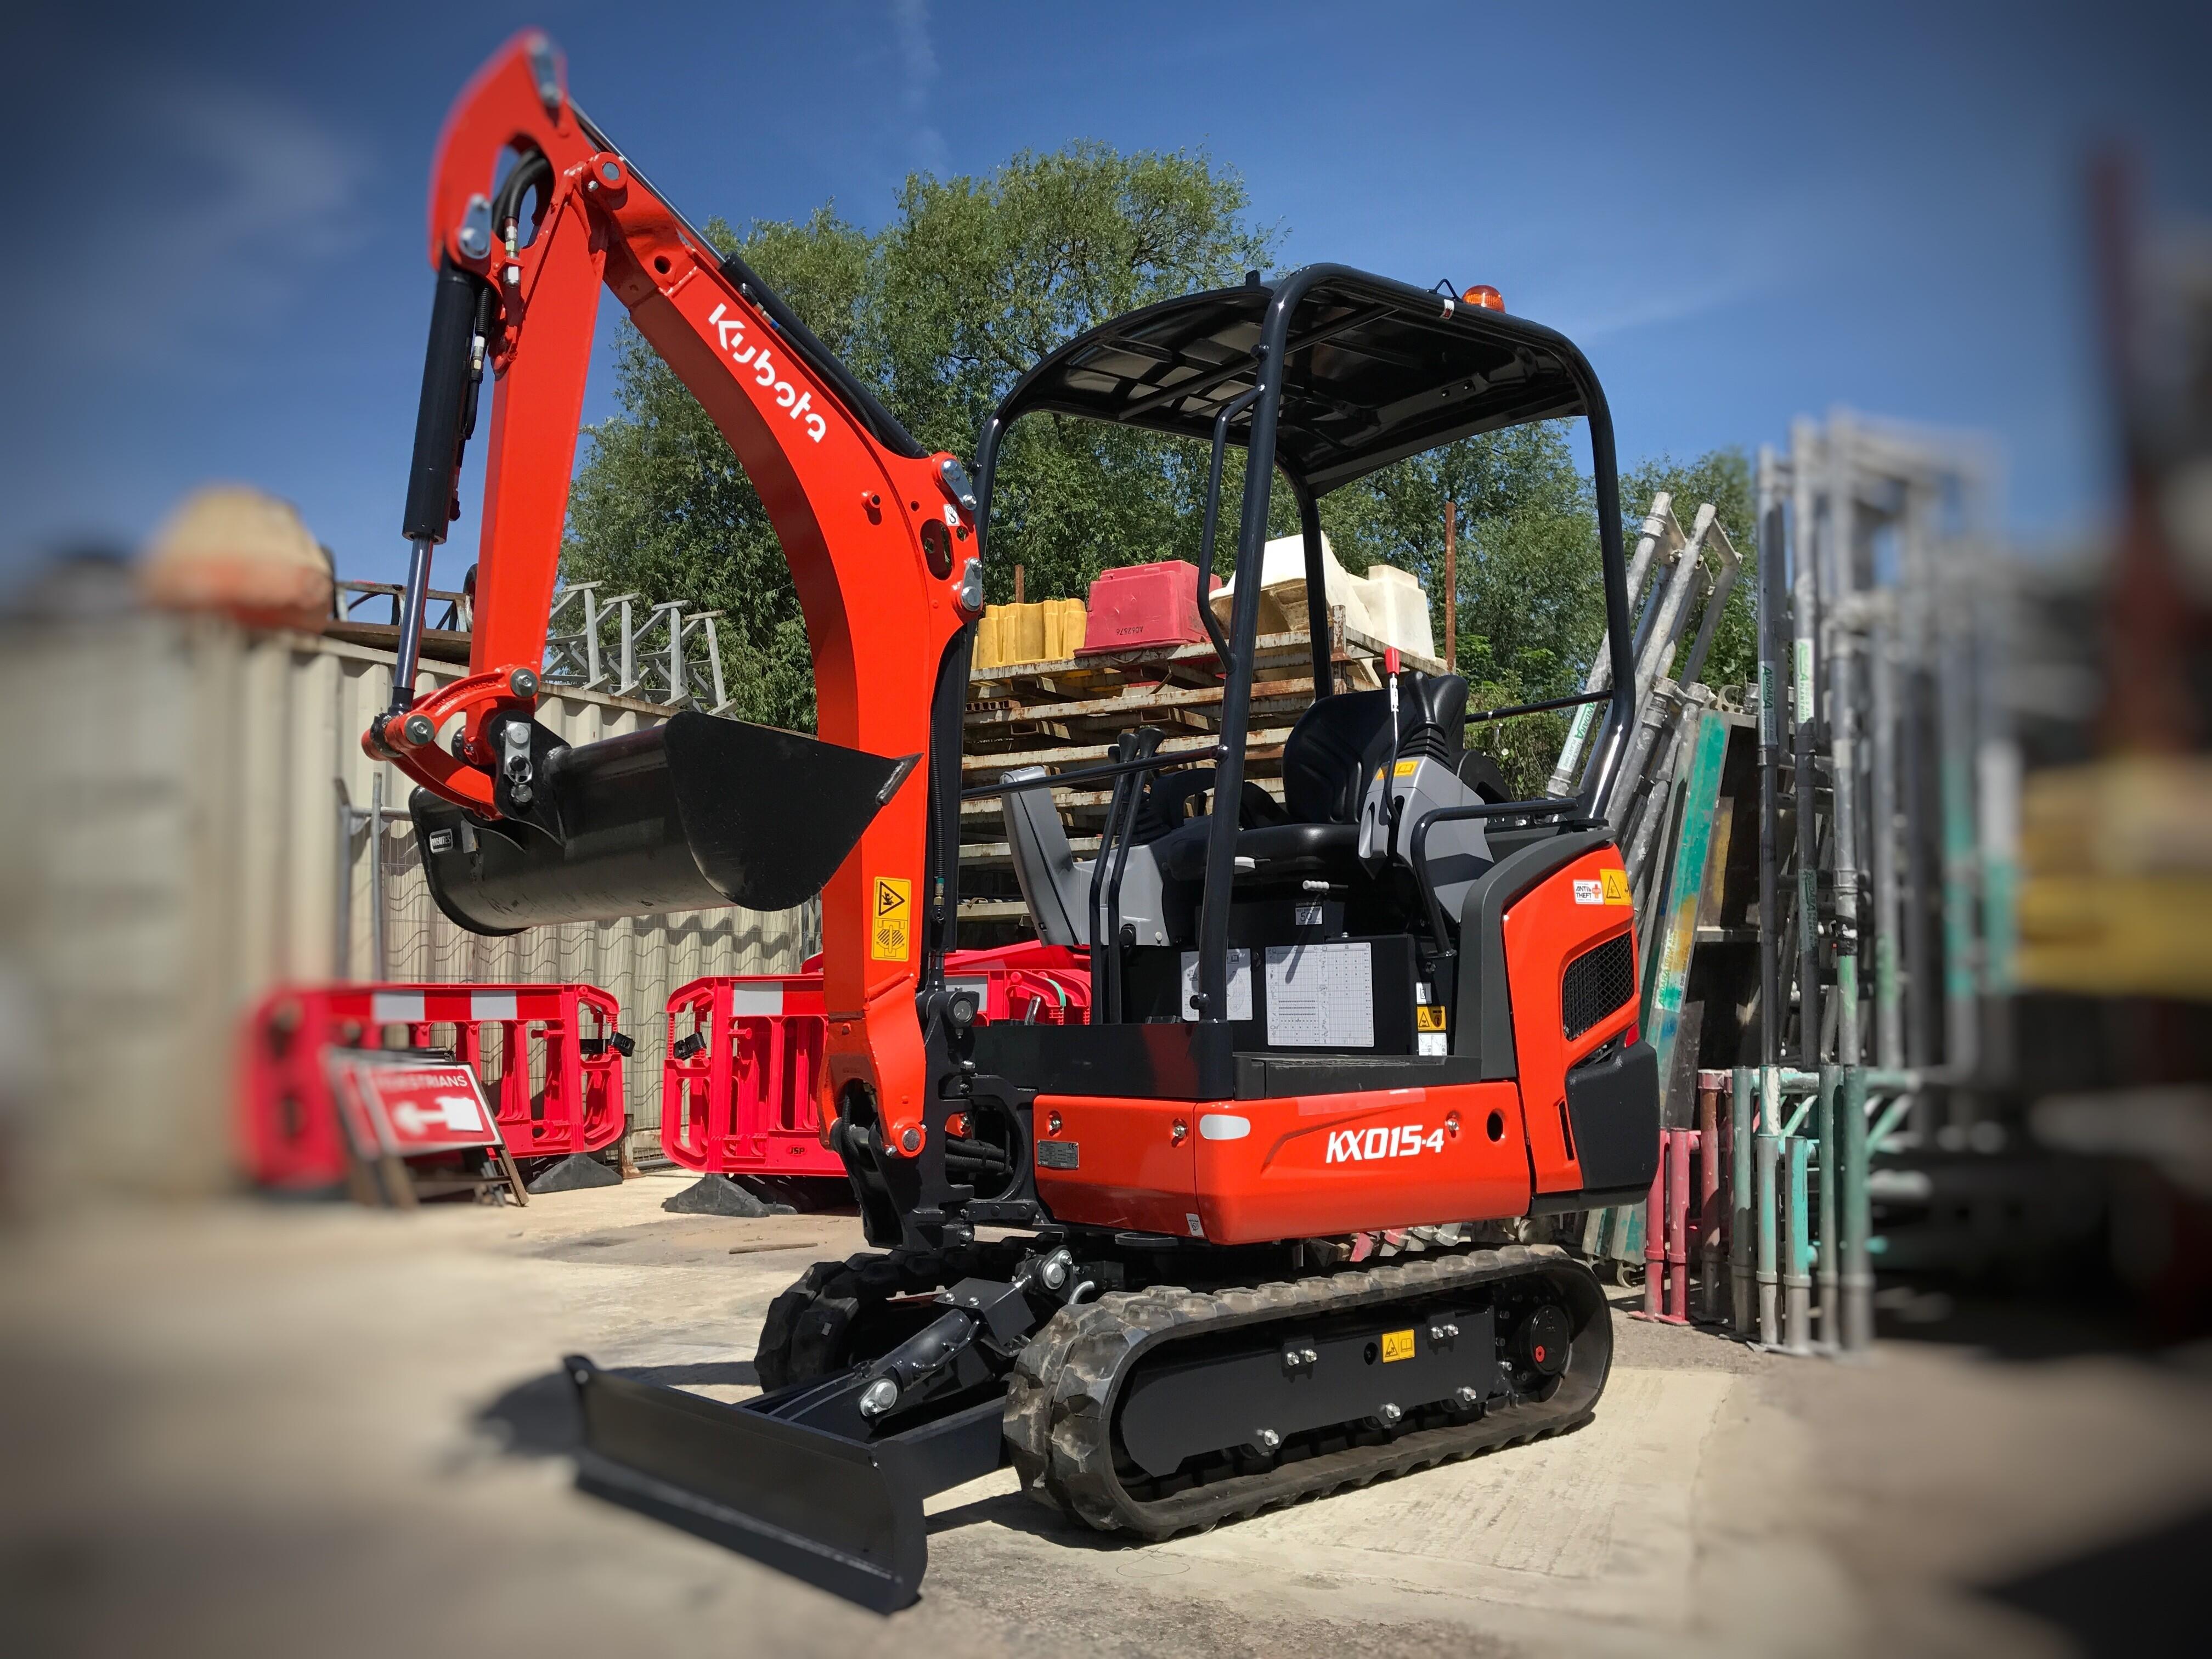 1.5 Tonne Mini Excavator/Digger